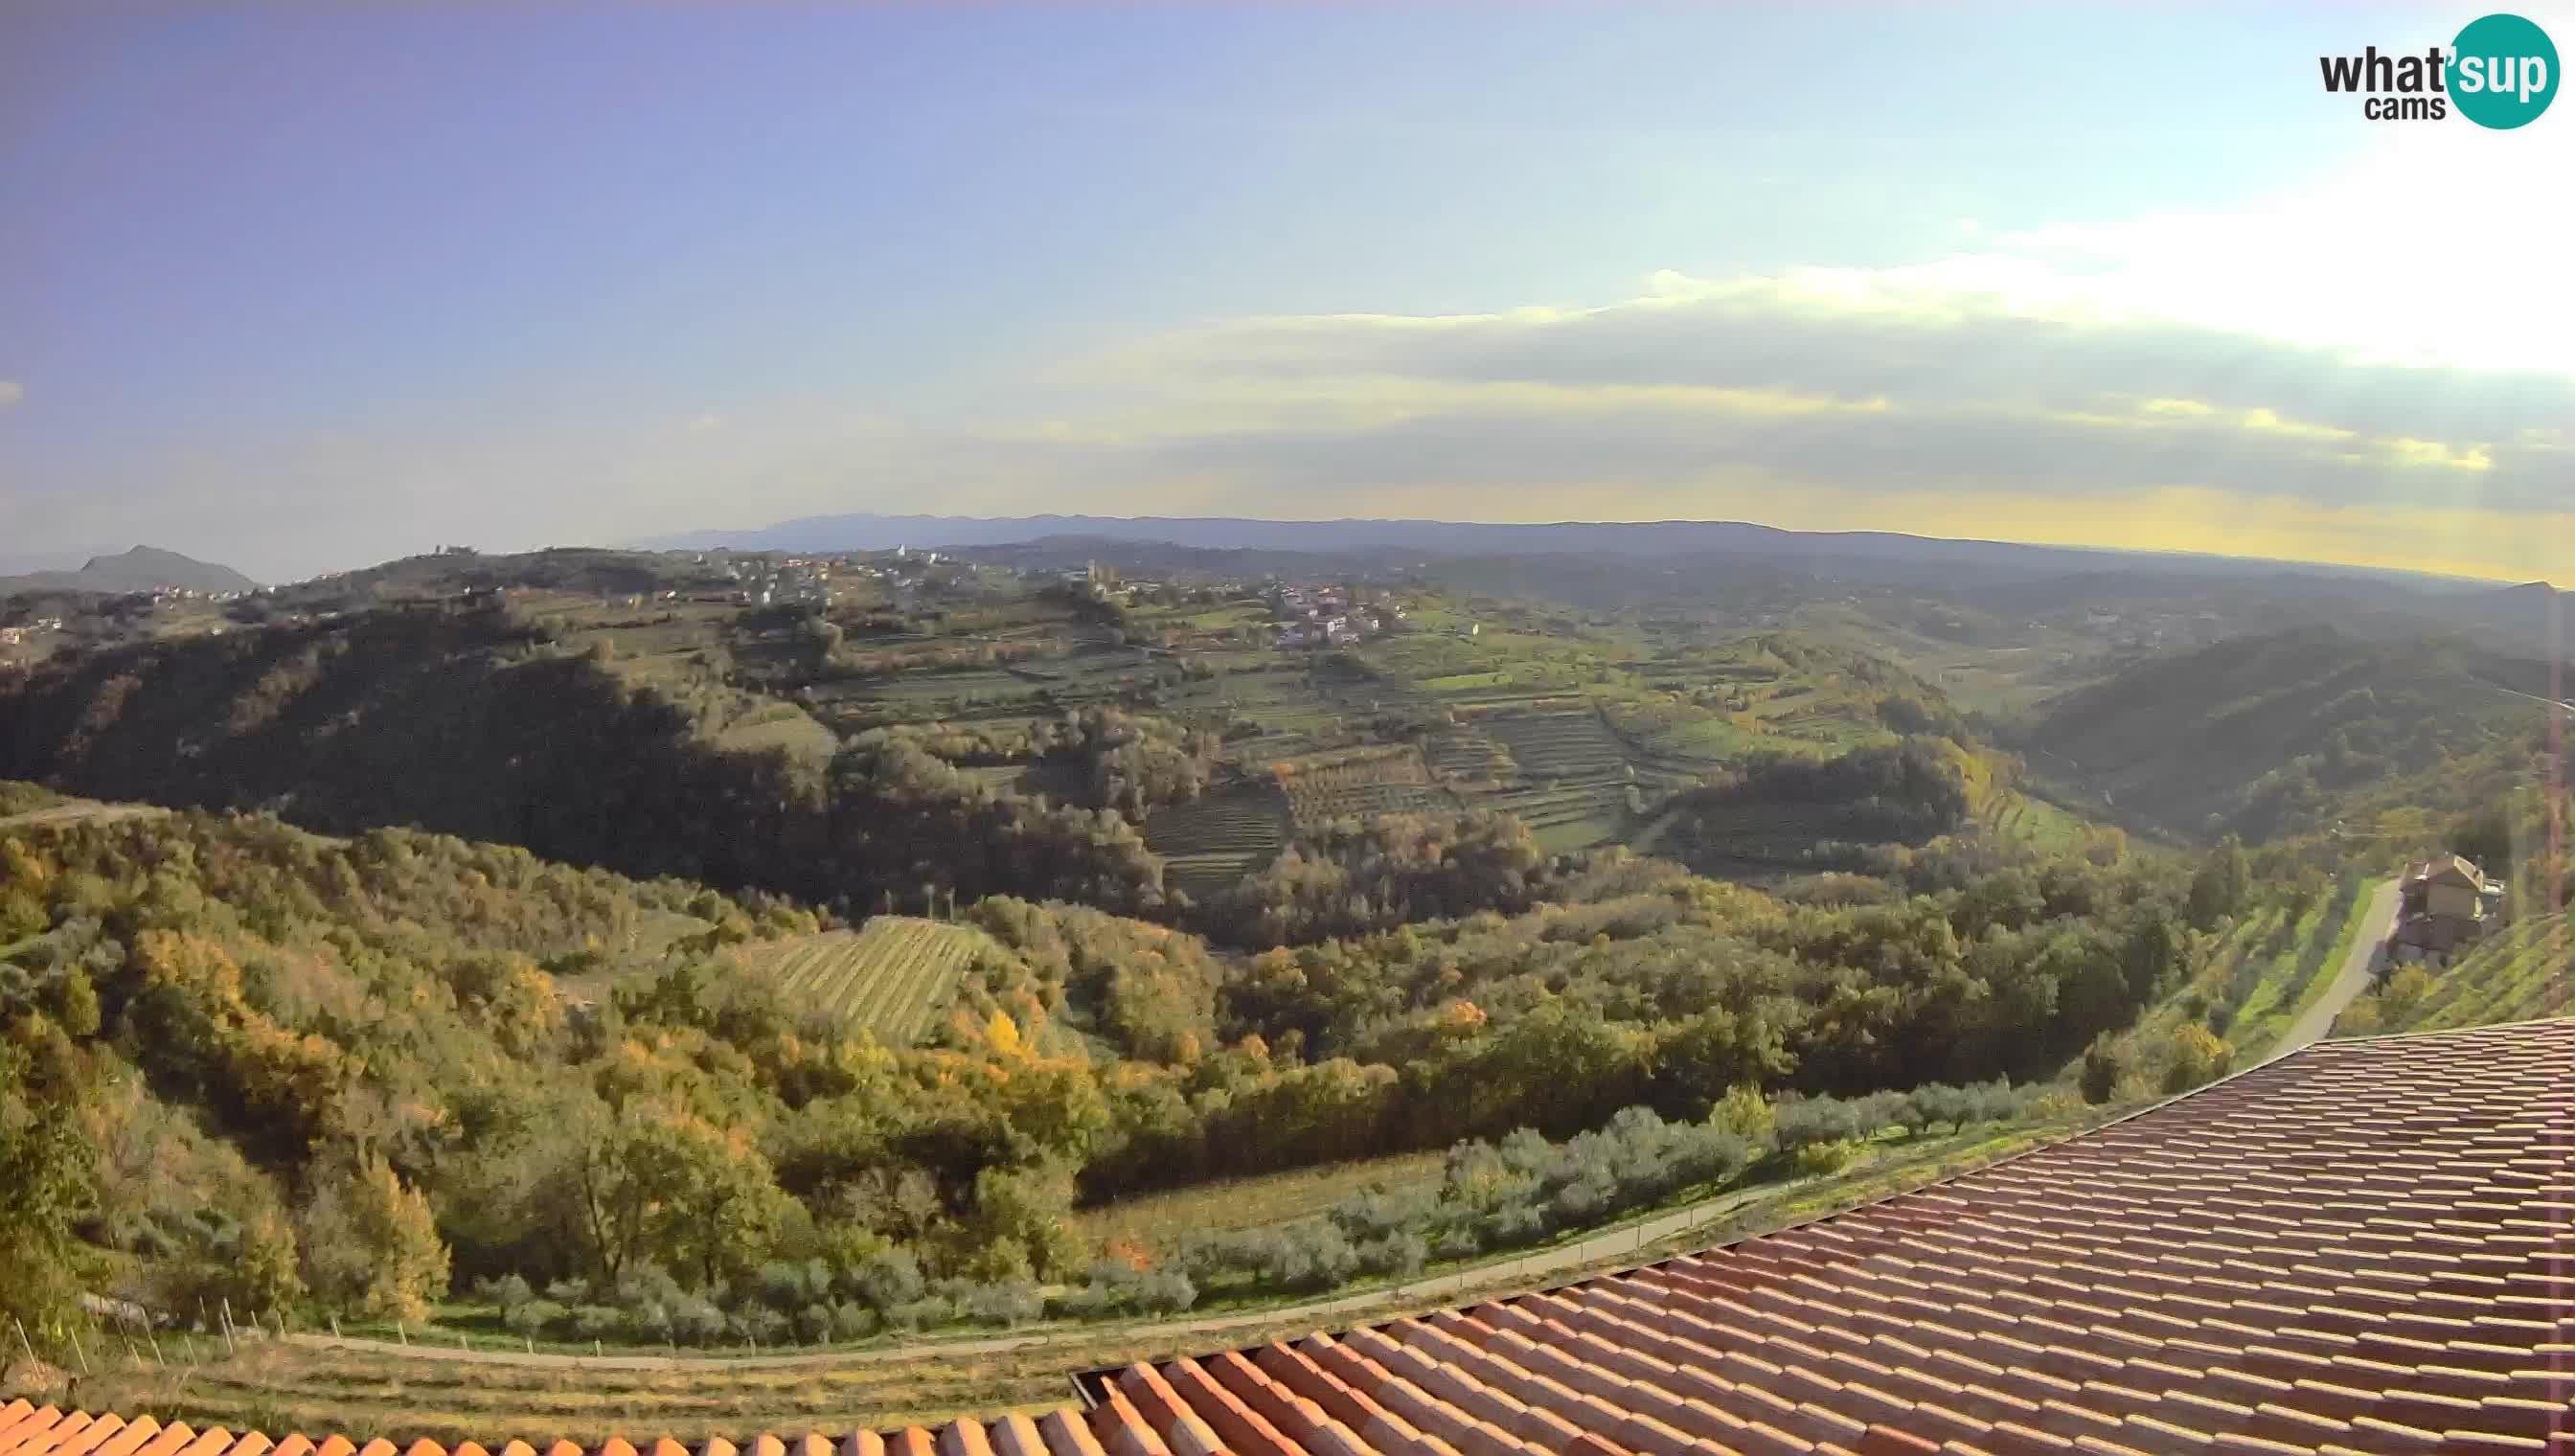 Izjemen pogled na Brda – Slovenija – spletna kamera Višnjevik